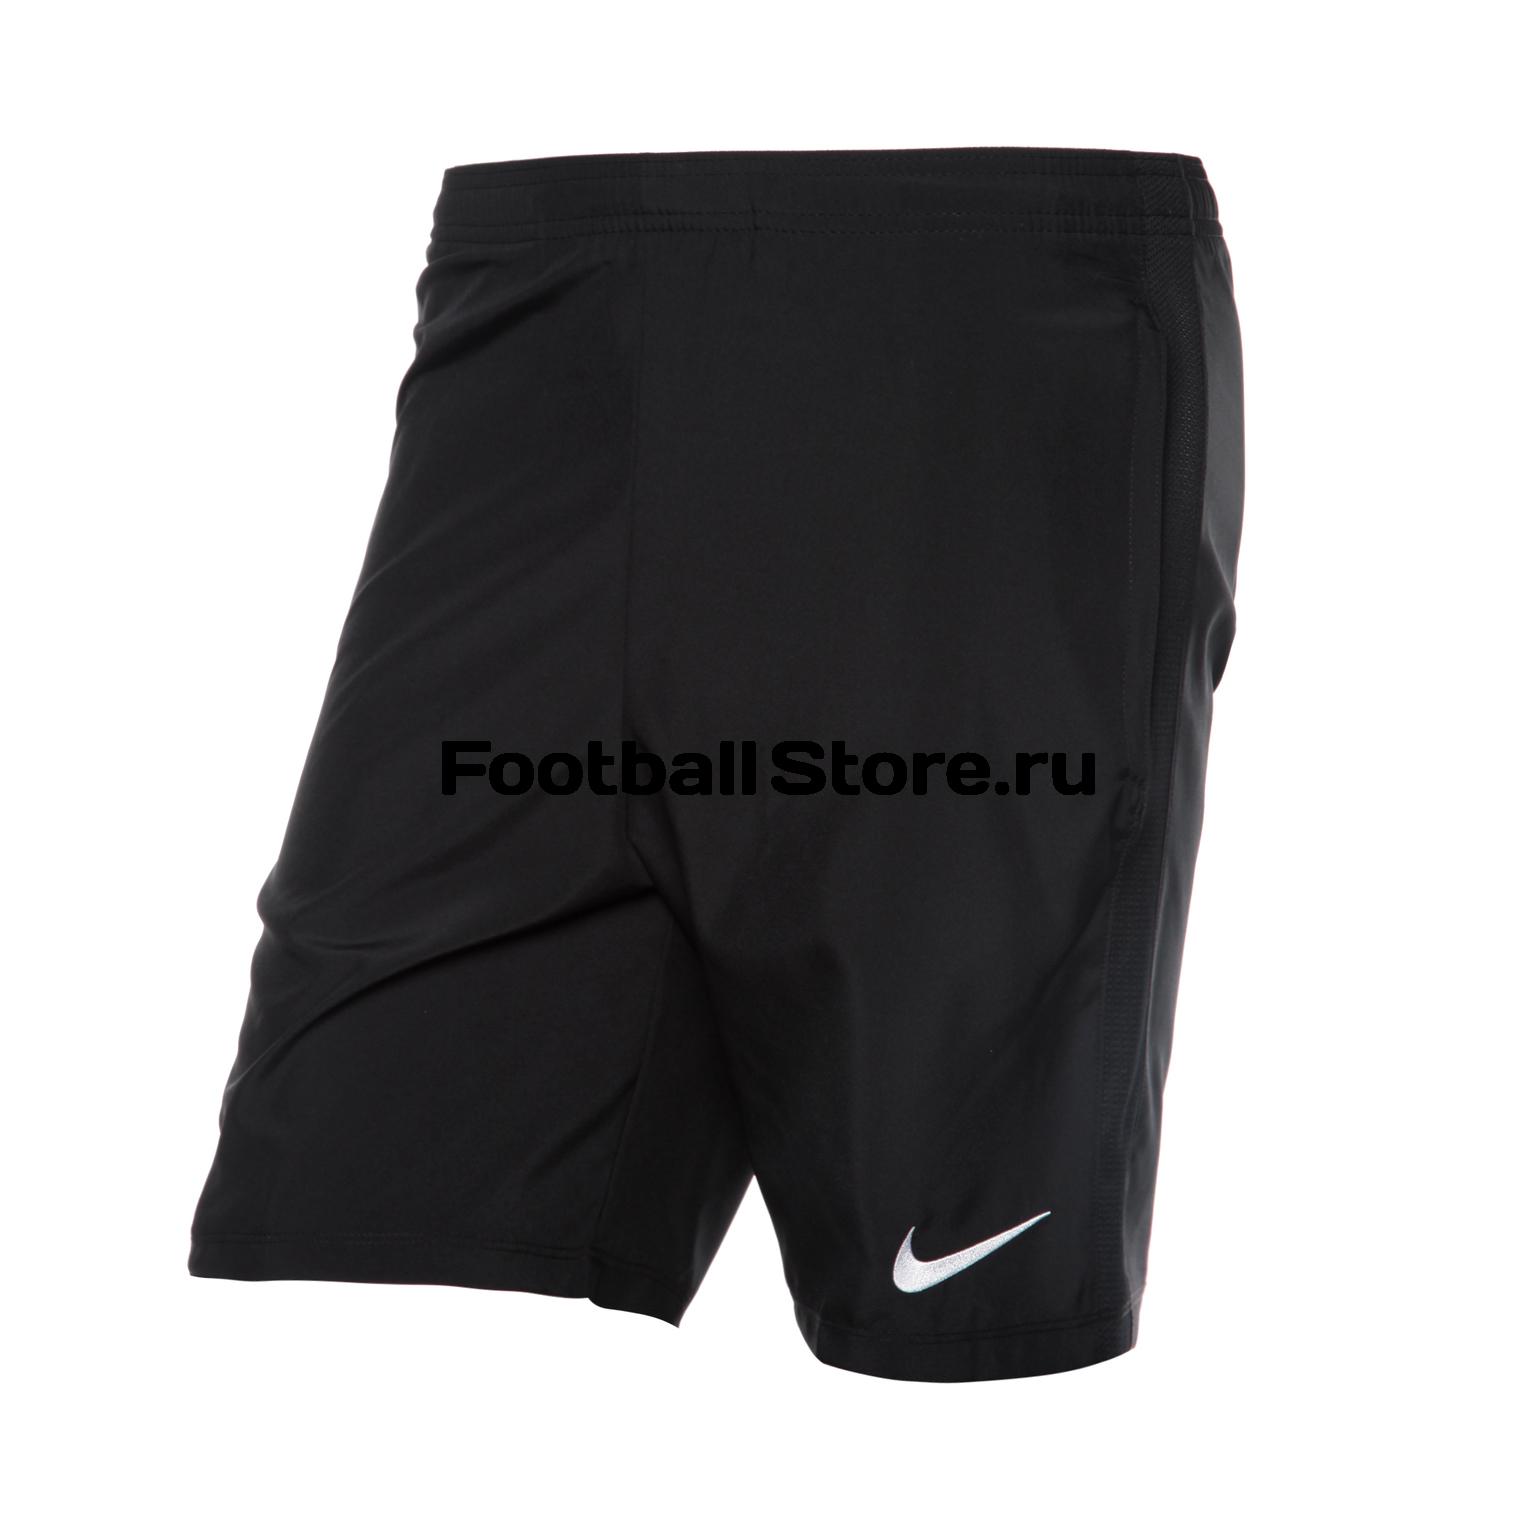 Шорты тренировочные Nike Dry Academy18 Short WZ 893787-010 шорты игровые nike dry short ii wvn 894331 010